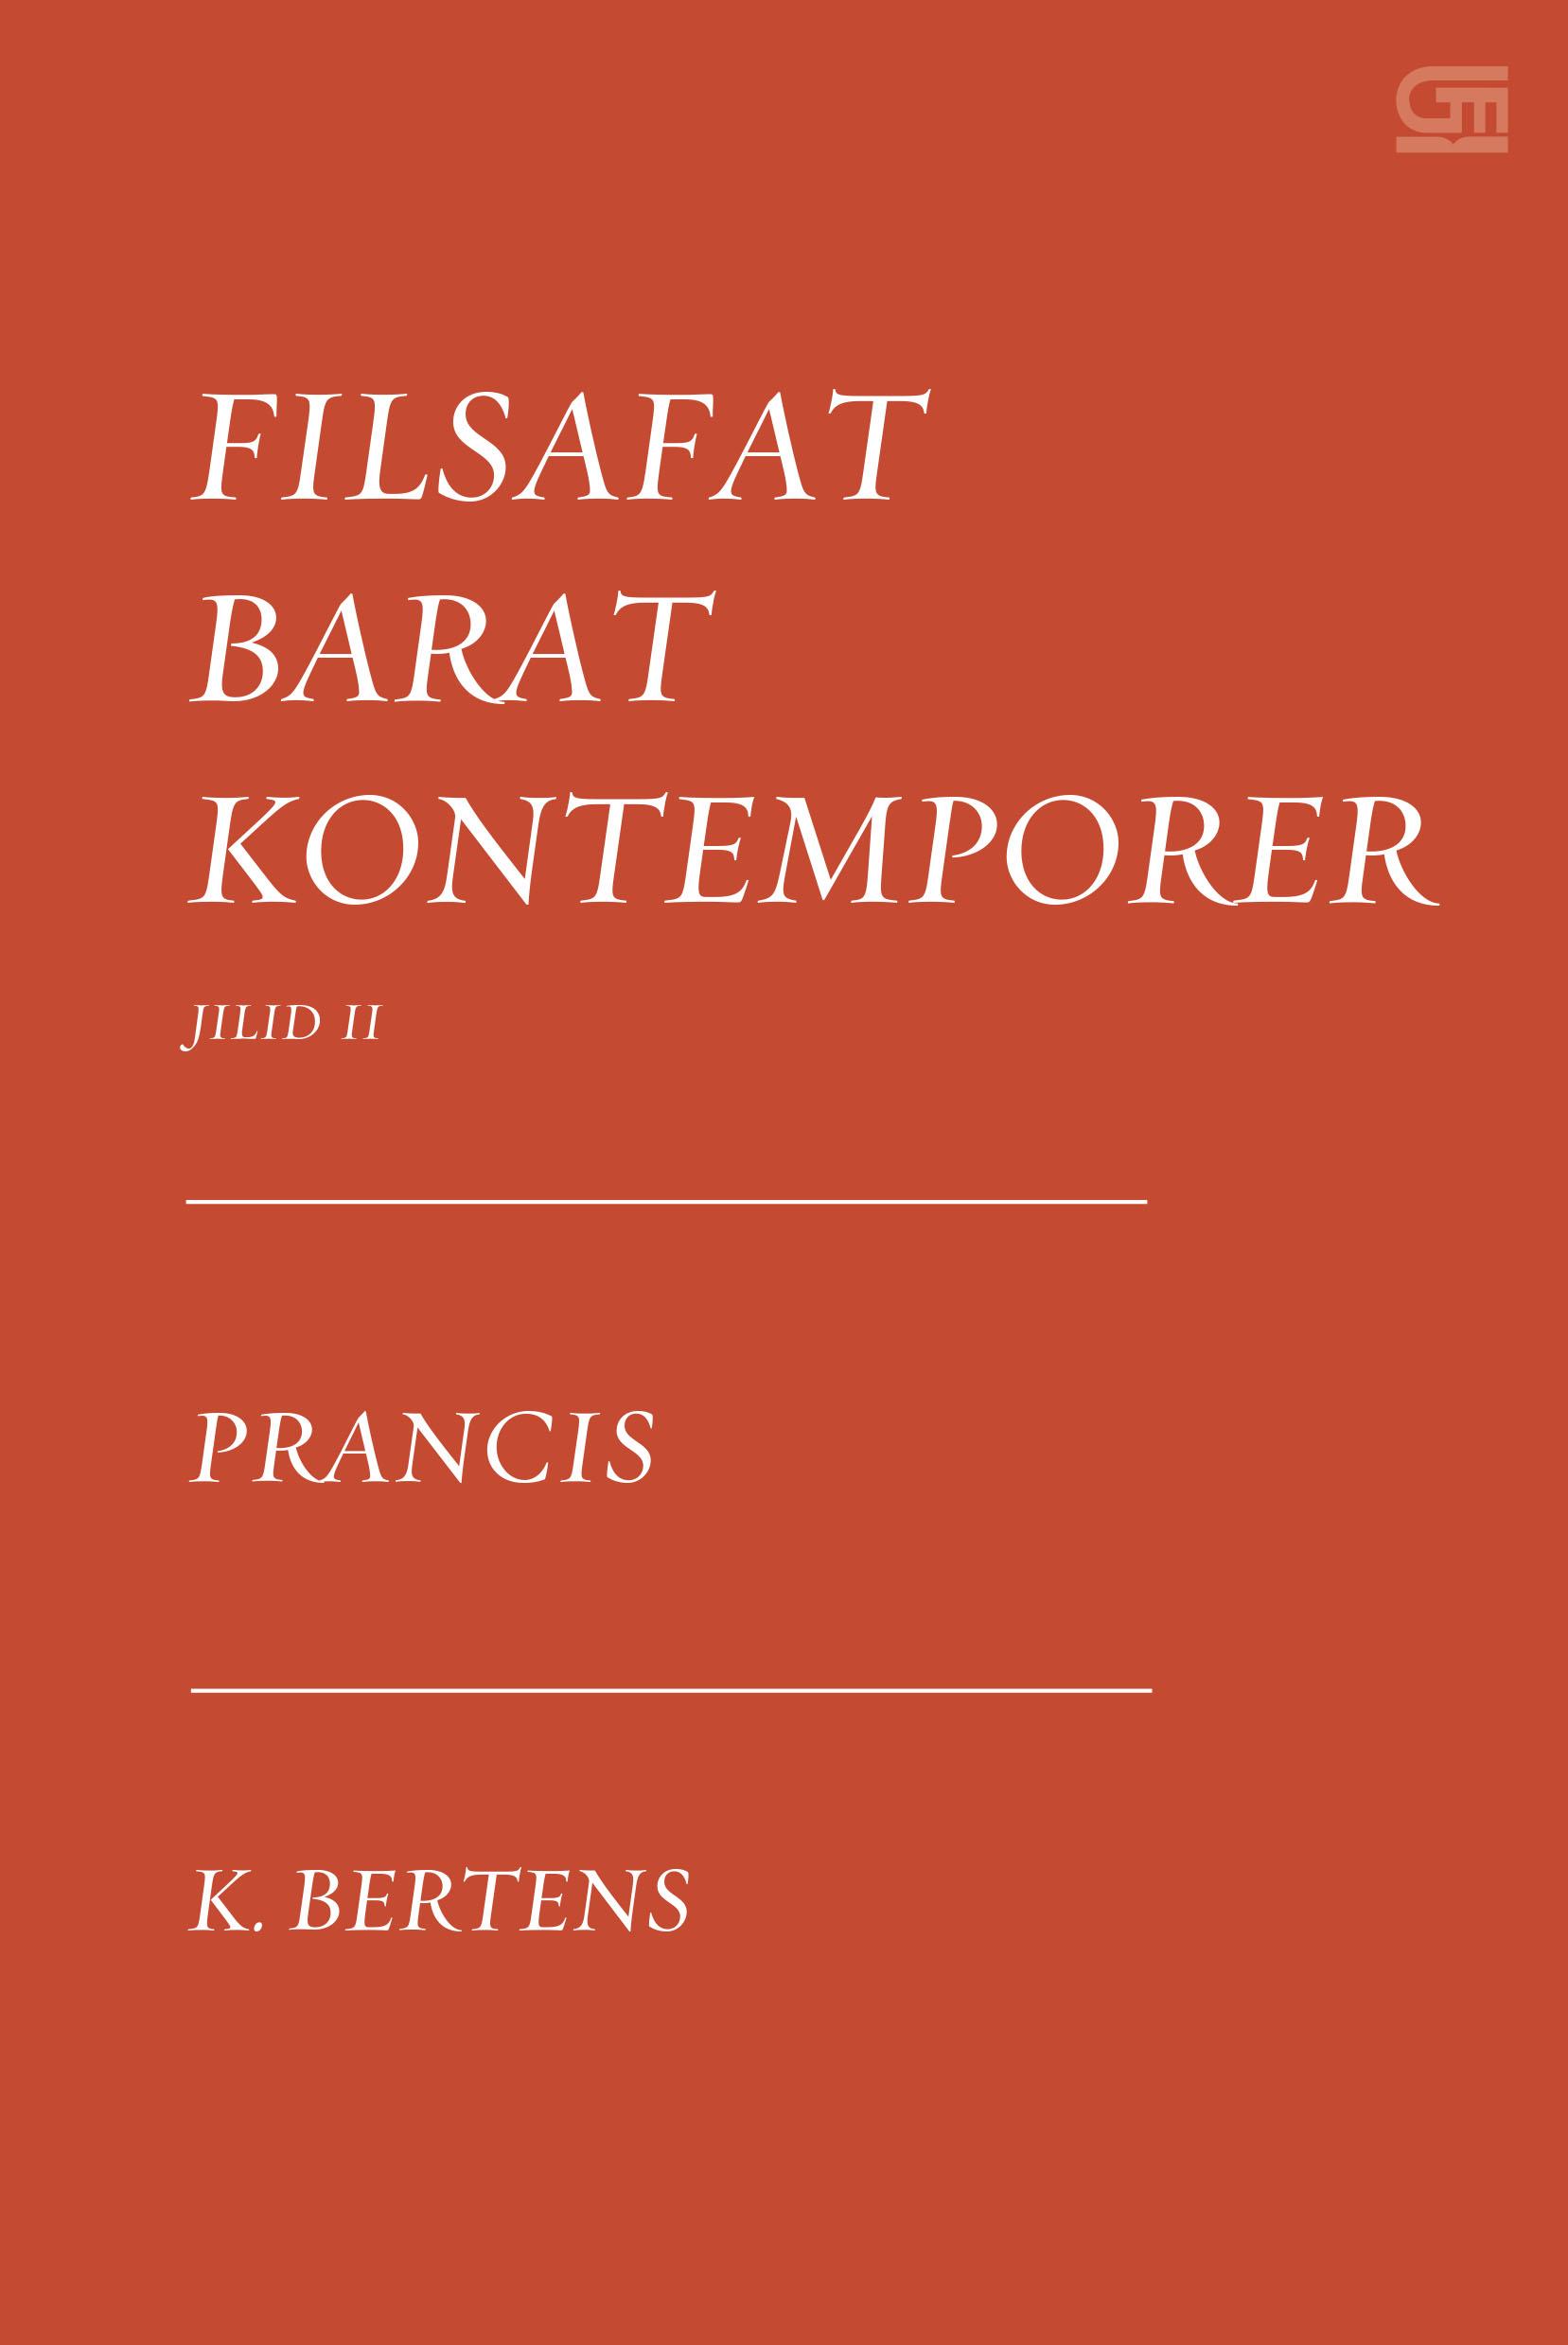 Filsafat Barat Kontemporer Prancis